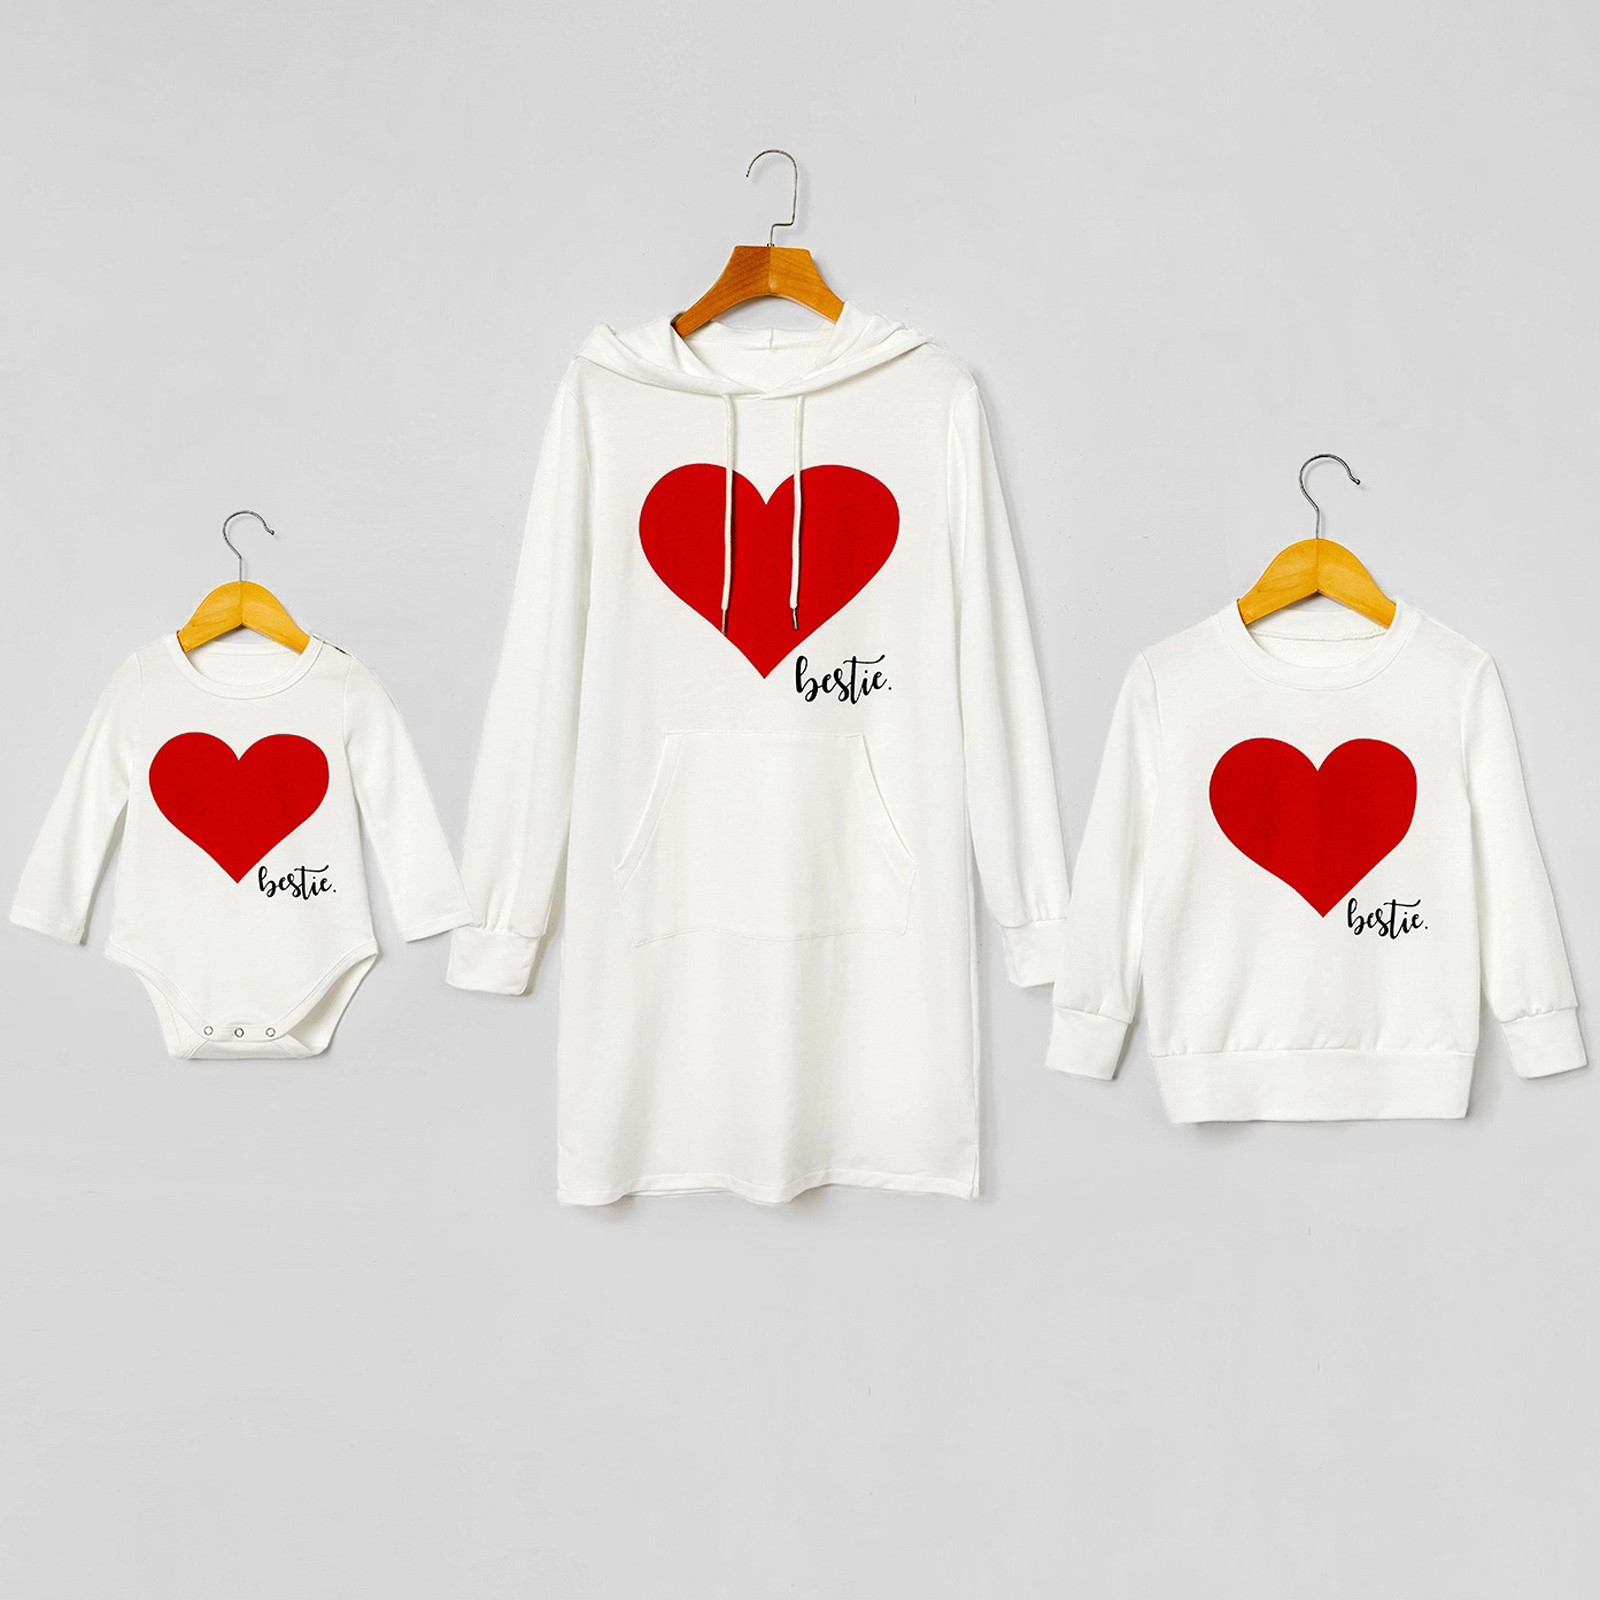 Famille coeur amour pyjamas sweat hiver mode famille coeur imprimer à manches longues Parent enfant costume décontracté haut vêtements hiver